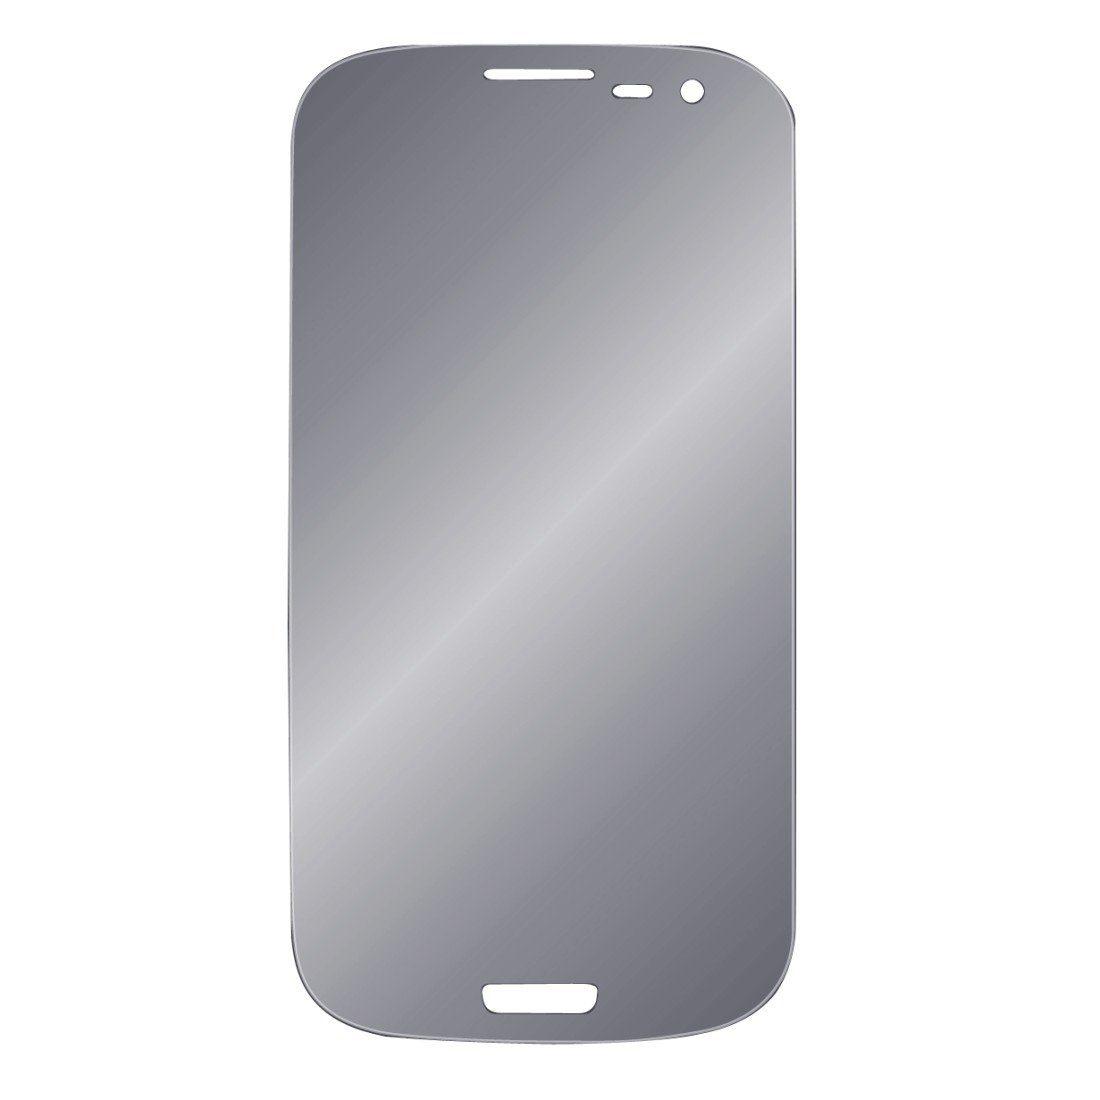 Hama Display-Schutzfolie Anti-Reflex für Samsung Galaxy S5 (Neo)